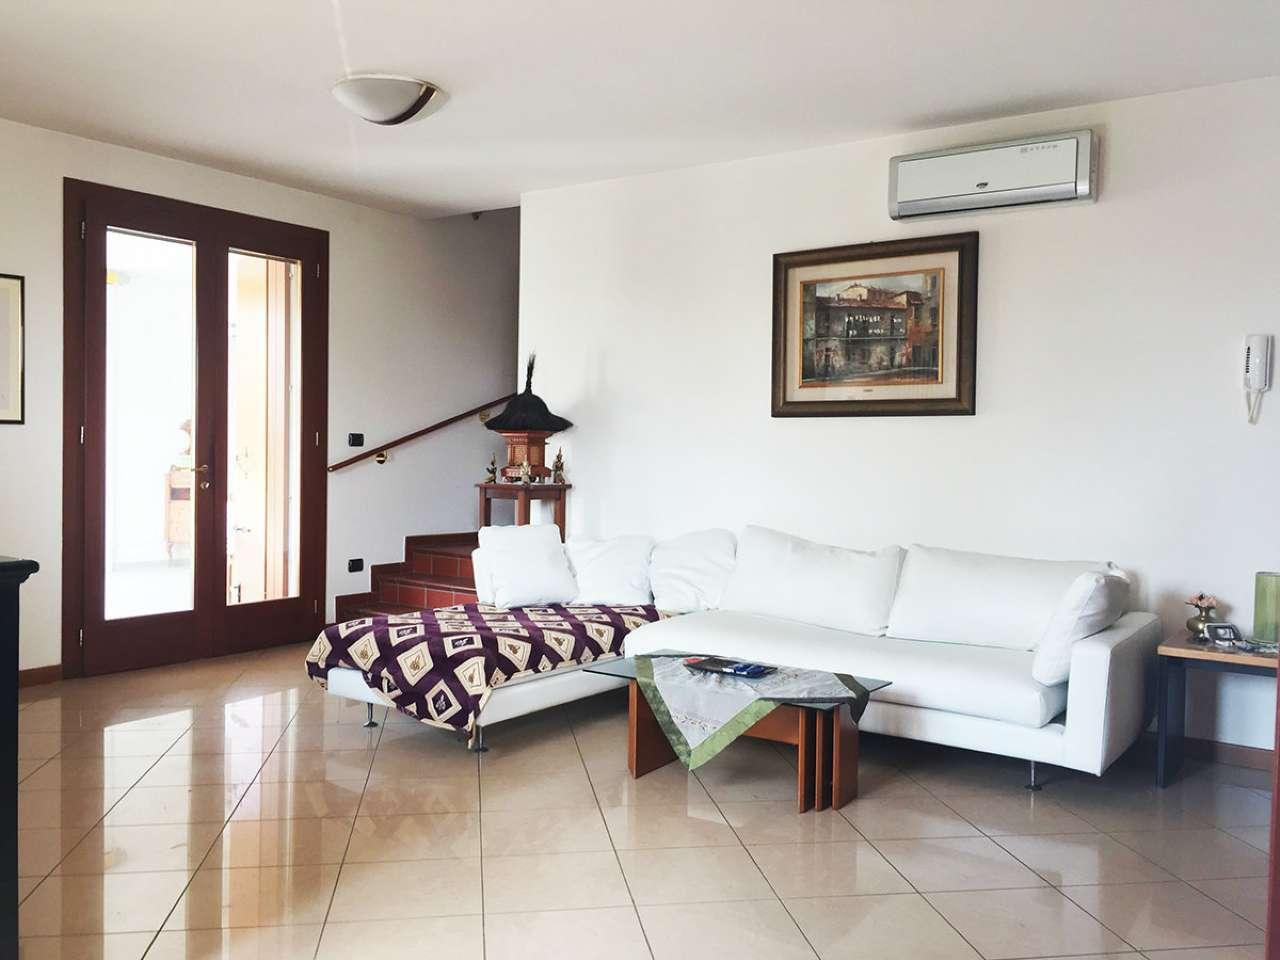 Soluzione Indipendente in vendita a Legnaro, 5 locali, prezzo € 270.000 | CambioCasa.it